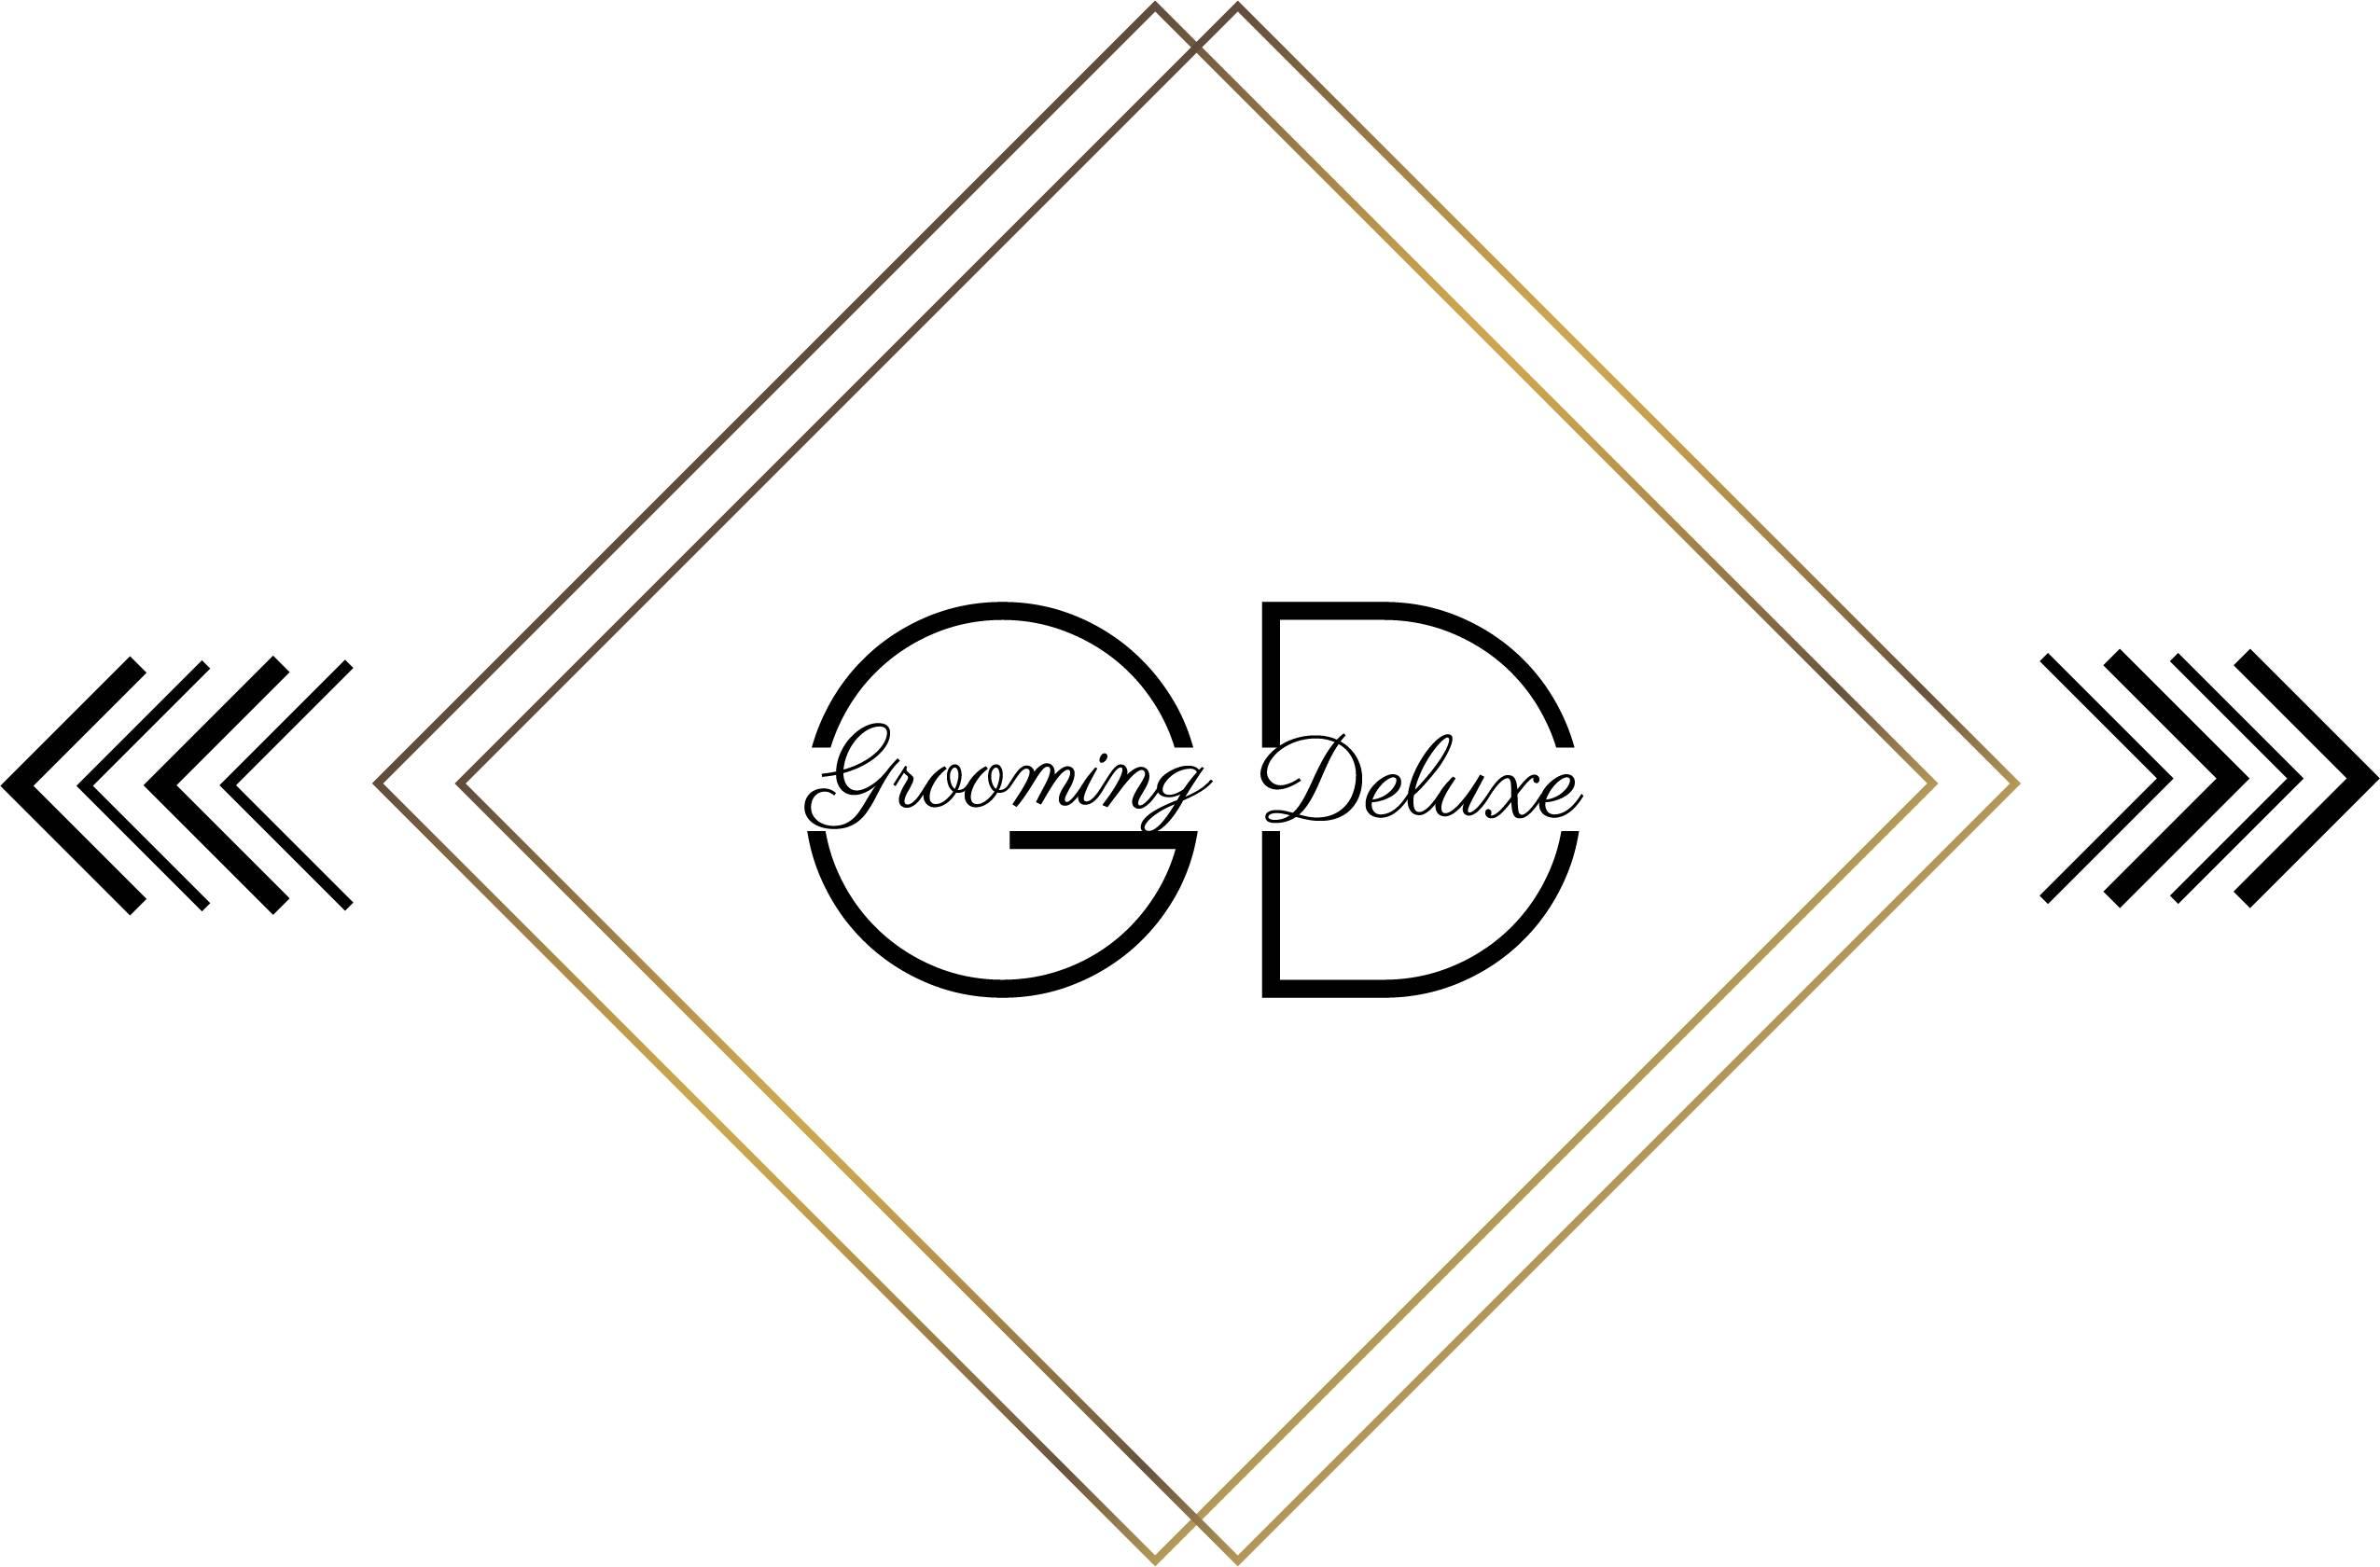 Grooming Deluxe